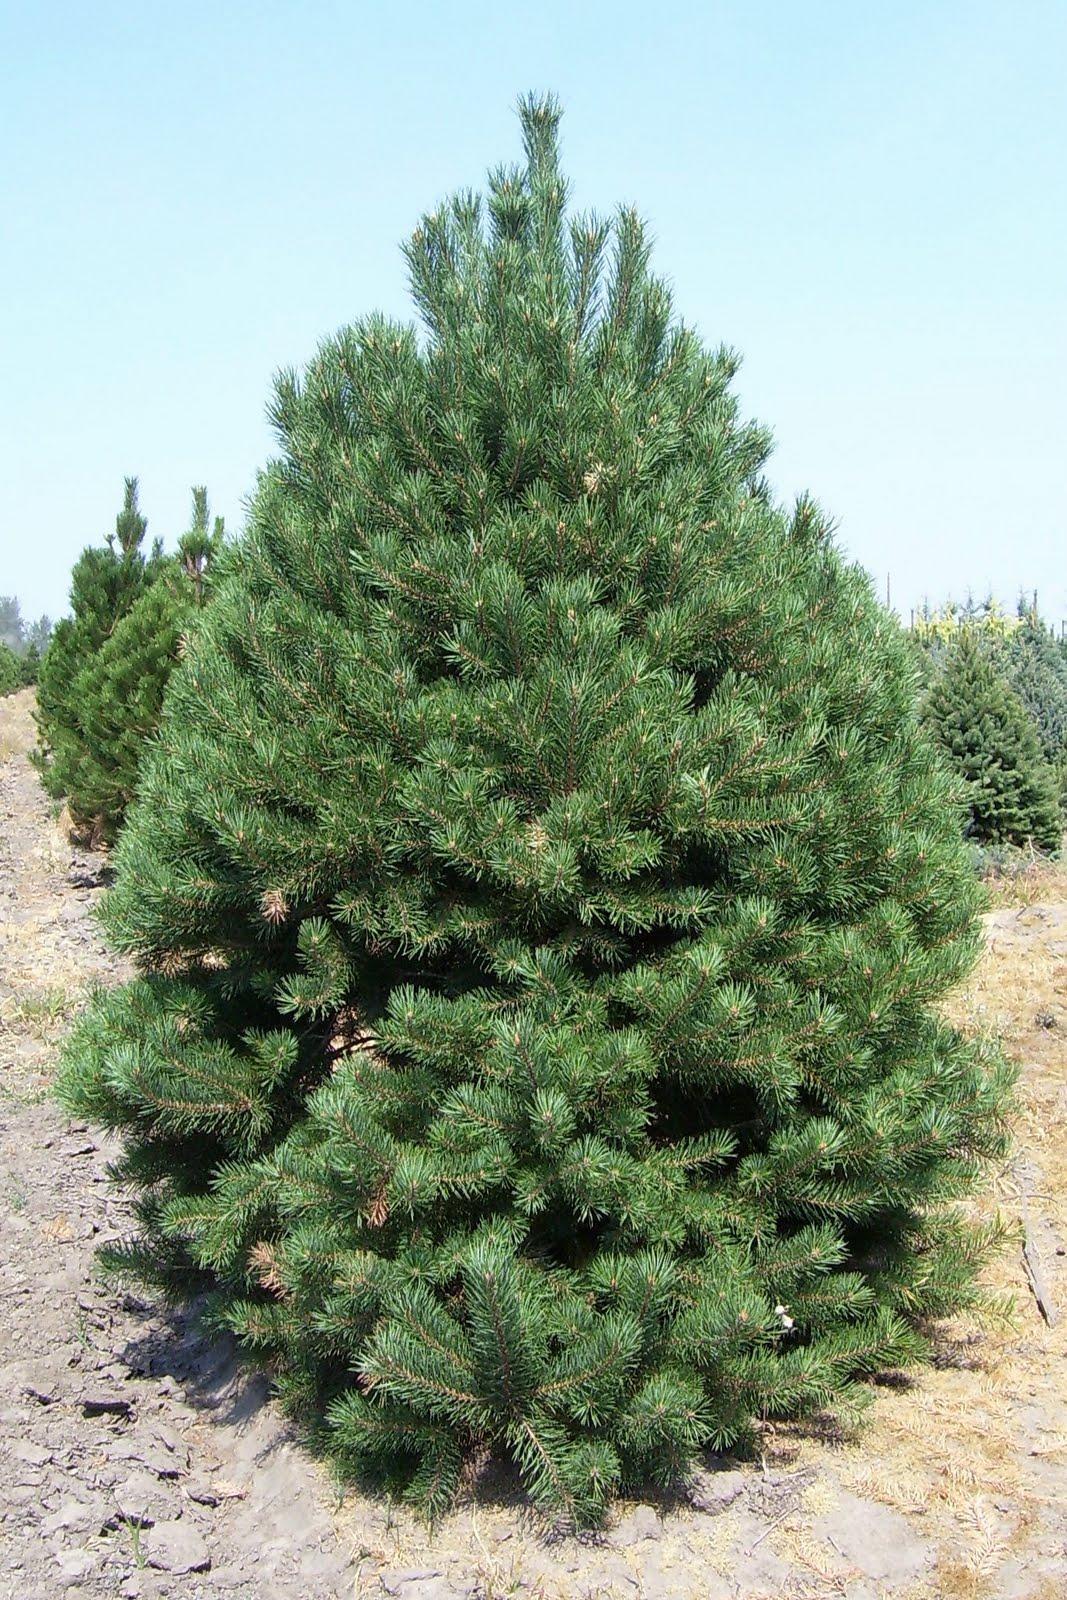 Arte y jardiner a pinos rboles longevos for Arboles ornamentales de jardin